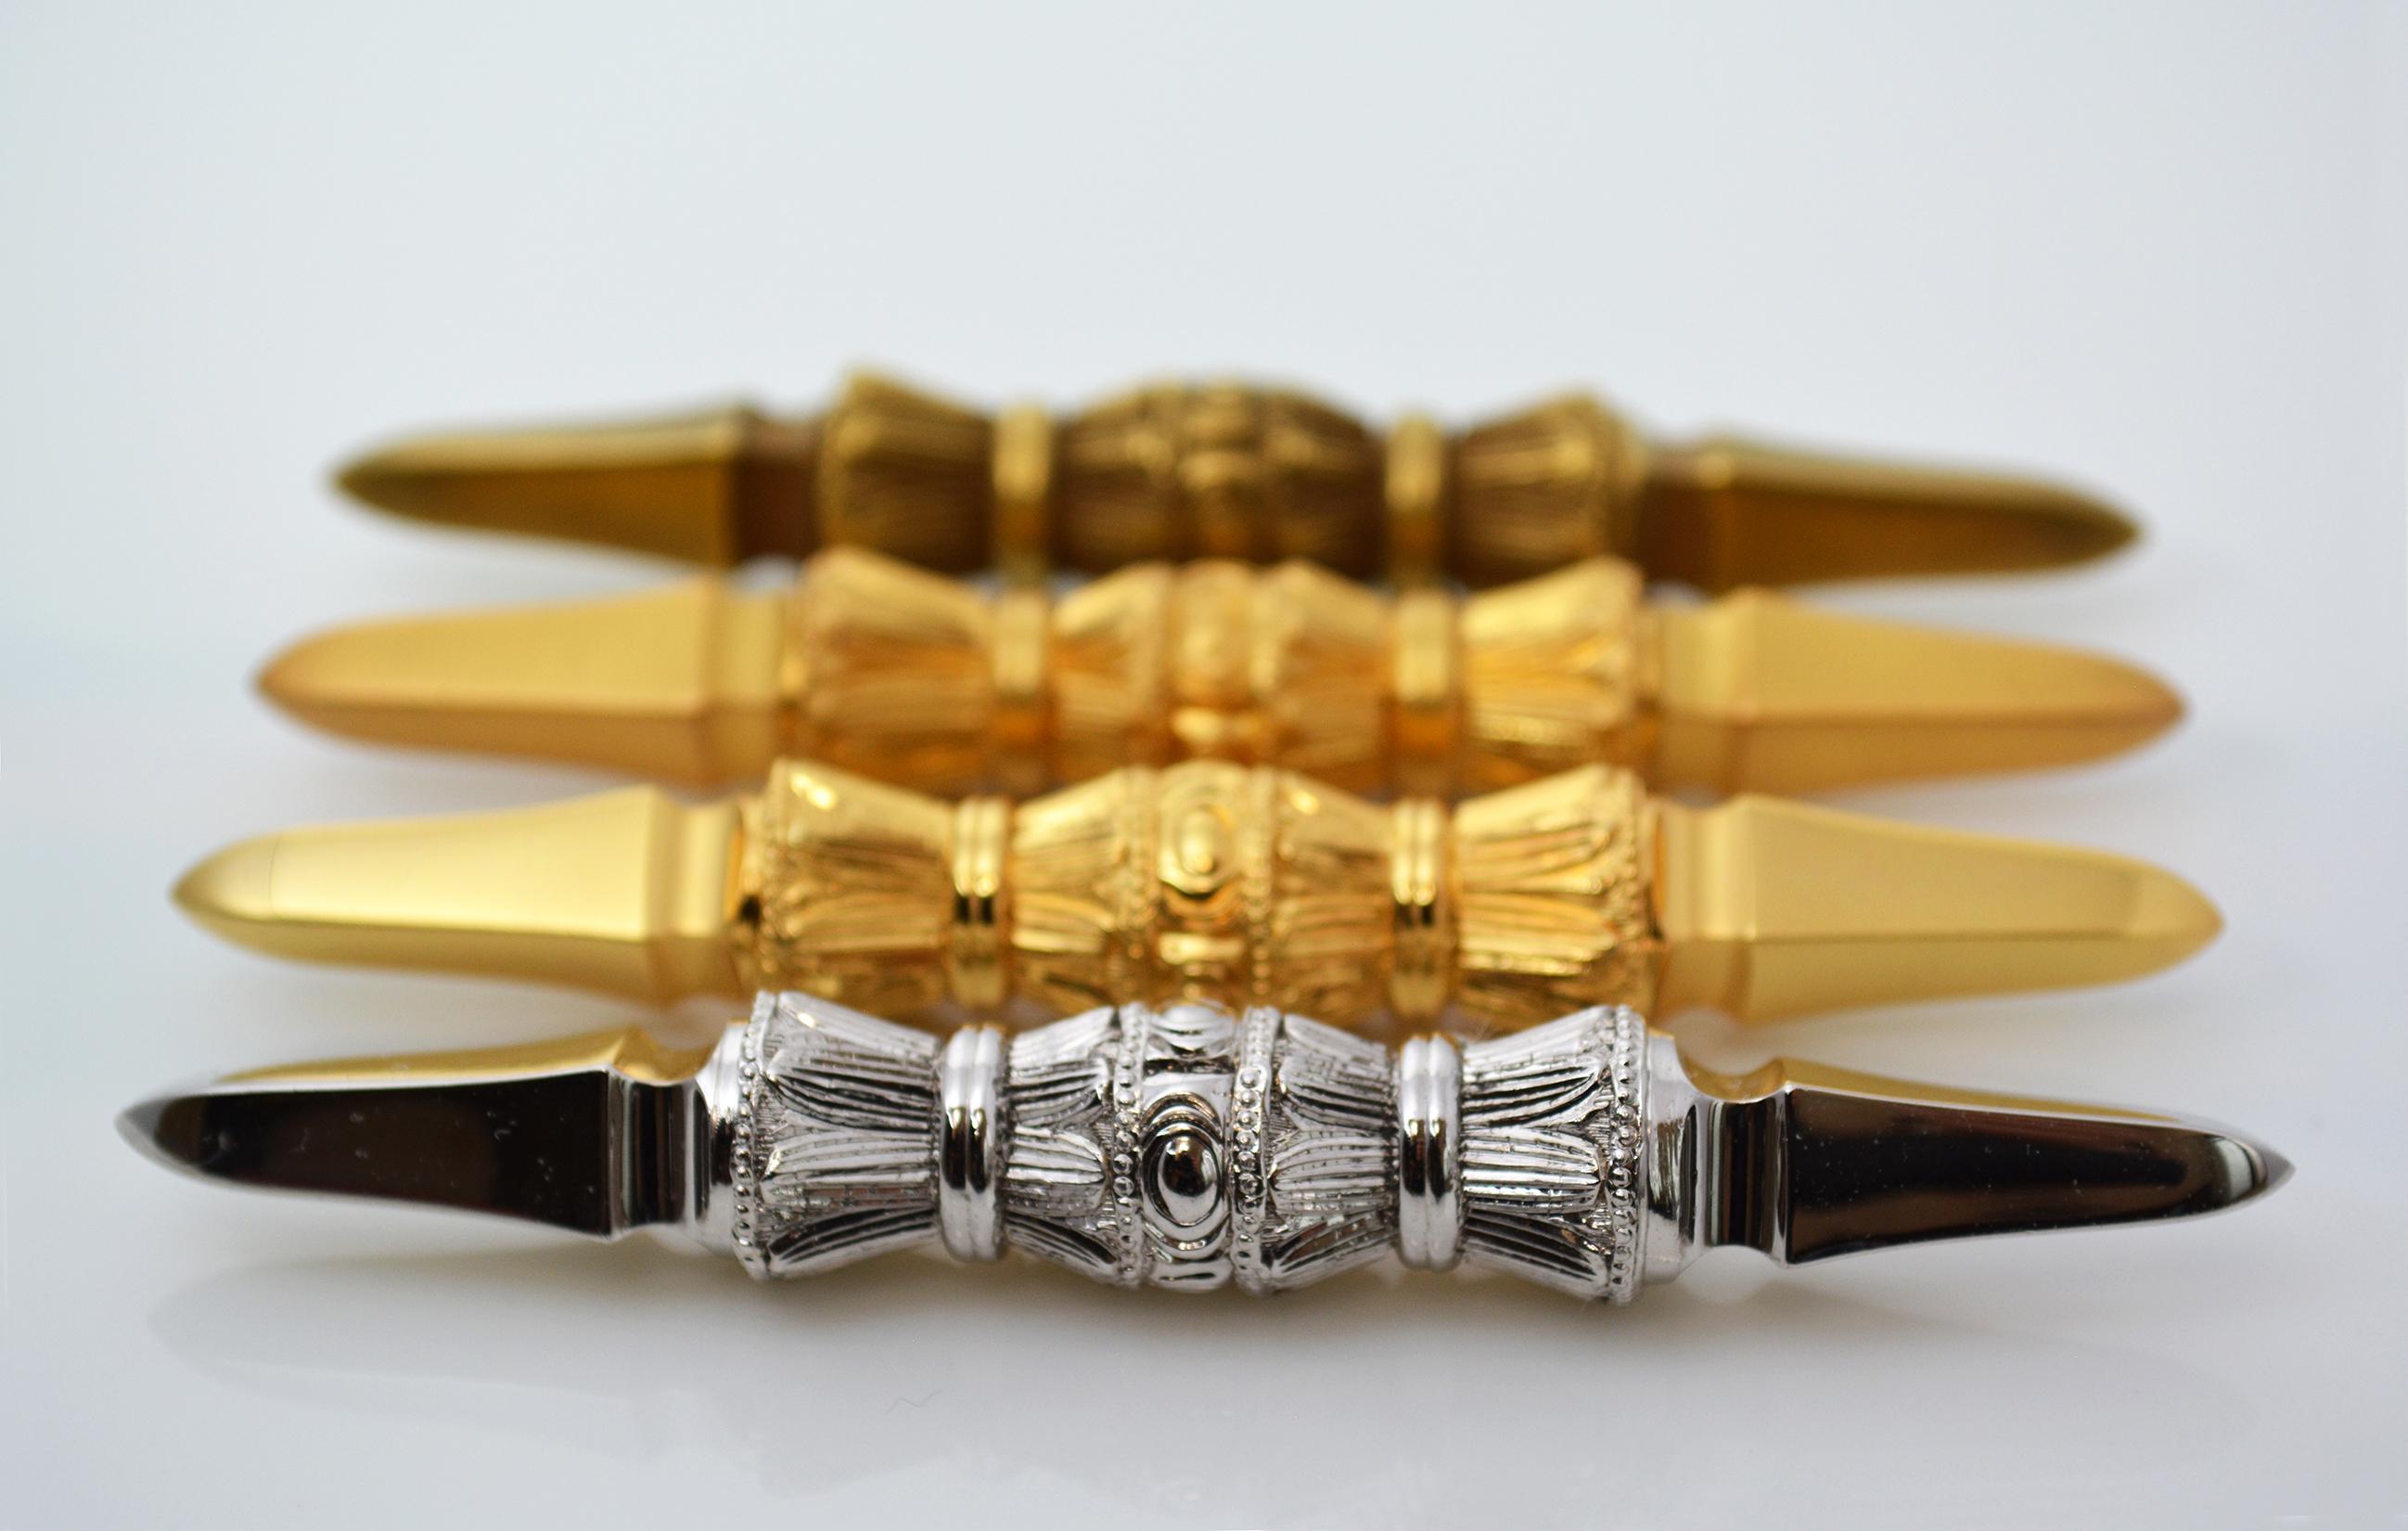 真鍮鋳造製 / 金めっき、消金めっき、古び金めっき、Rhめっき